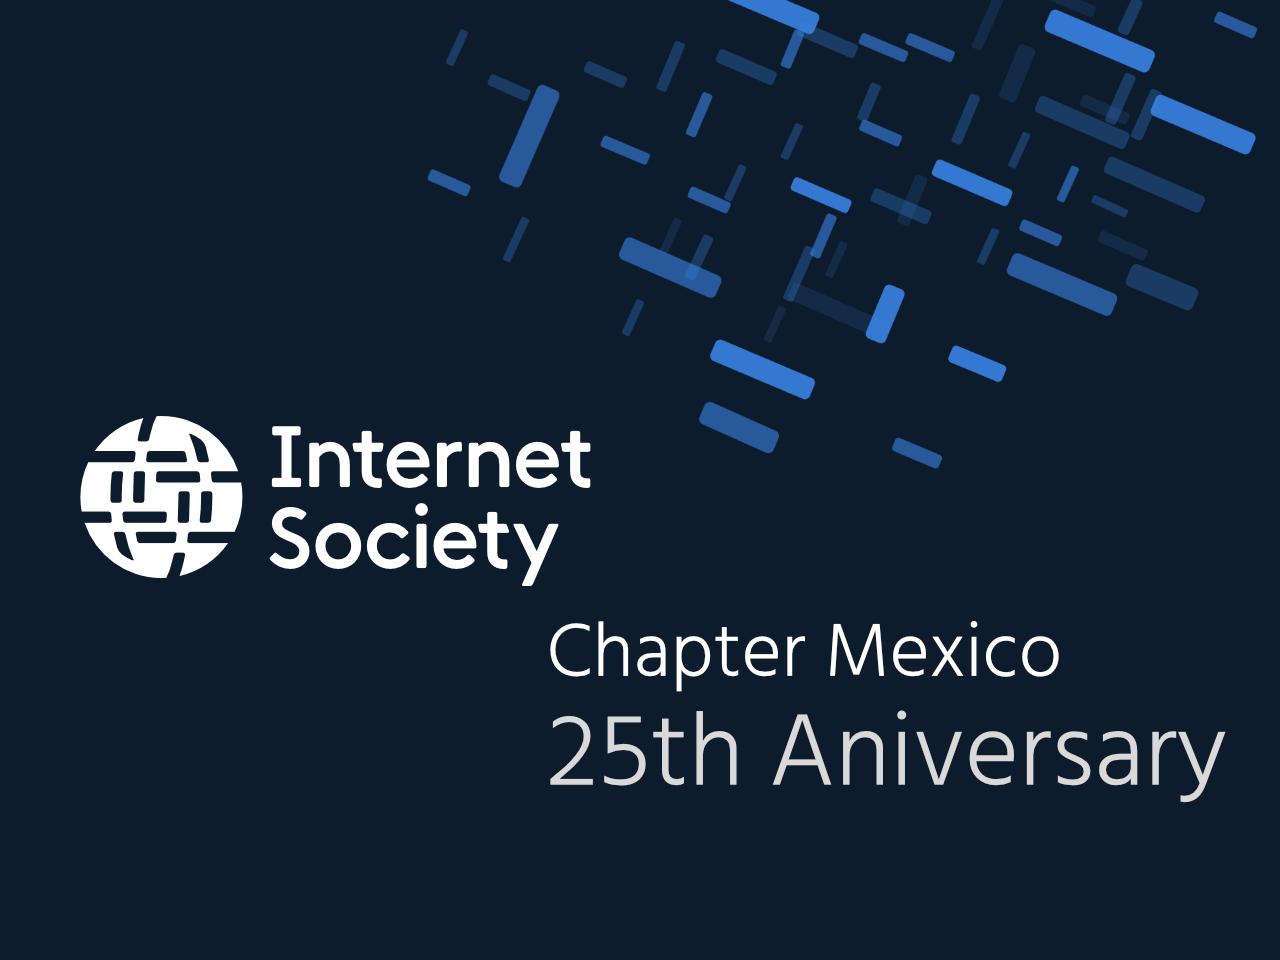 25th Aniversary - Internet Society Chapter Mexico